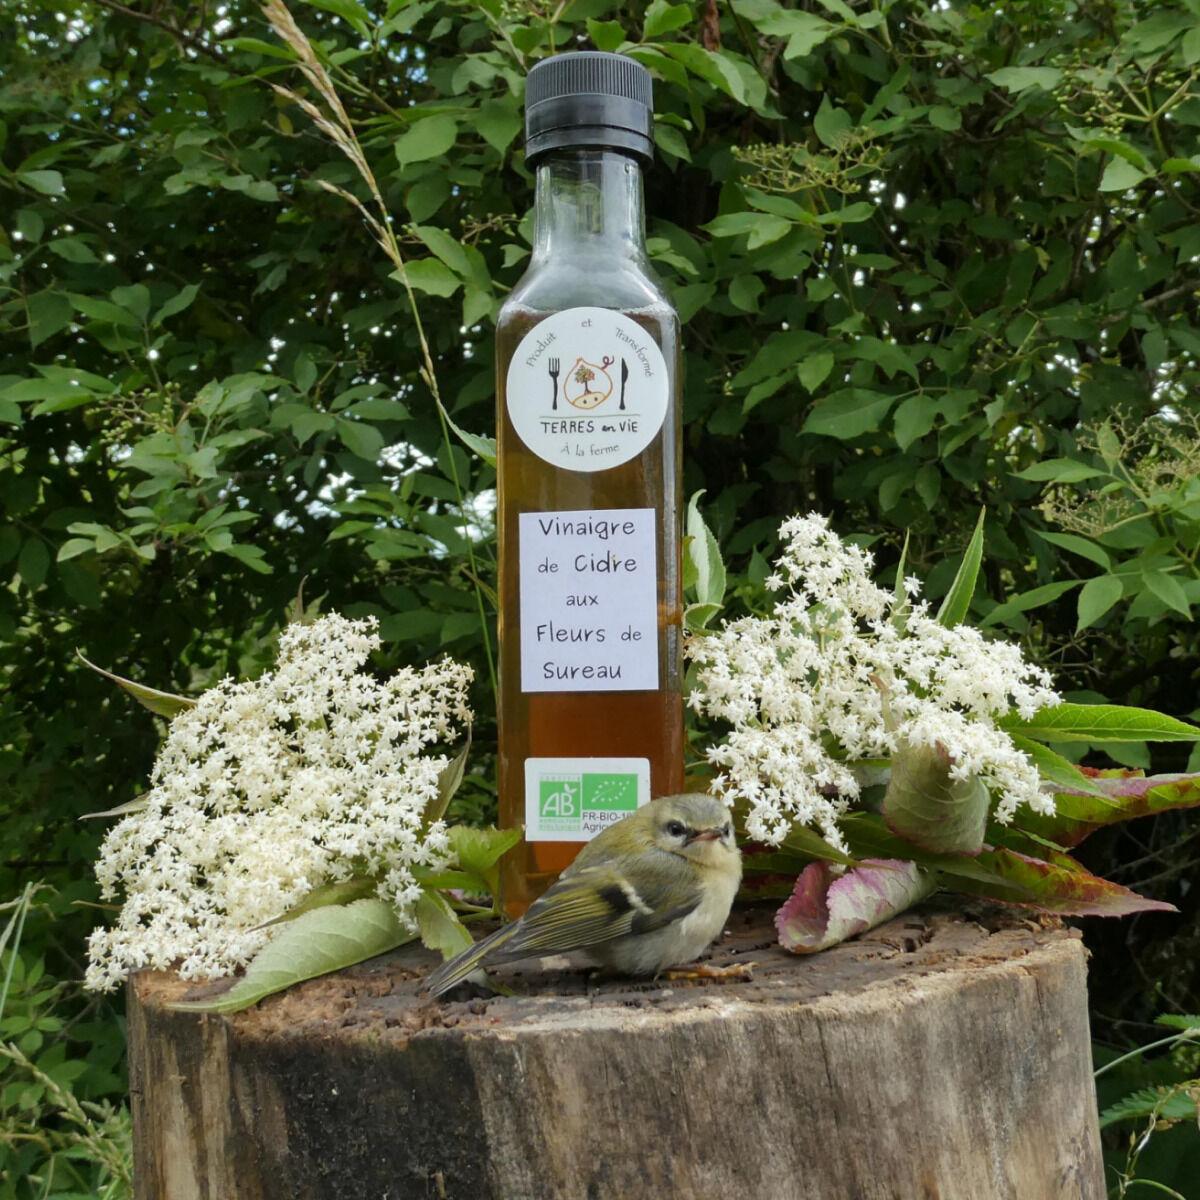 Terres En Vie Vinaigre De Cidre Bio Aux Fleurs De Sureau